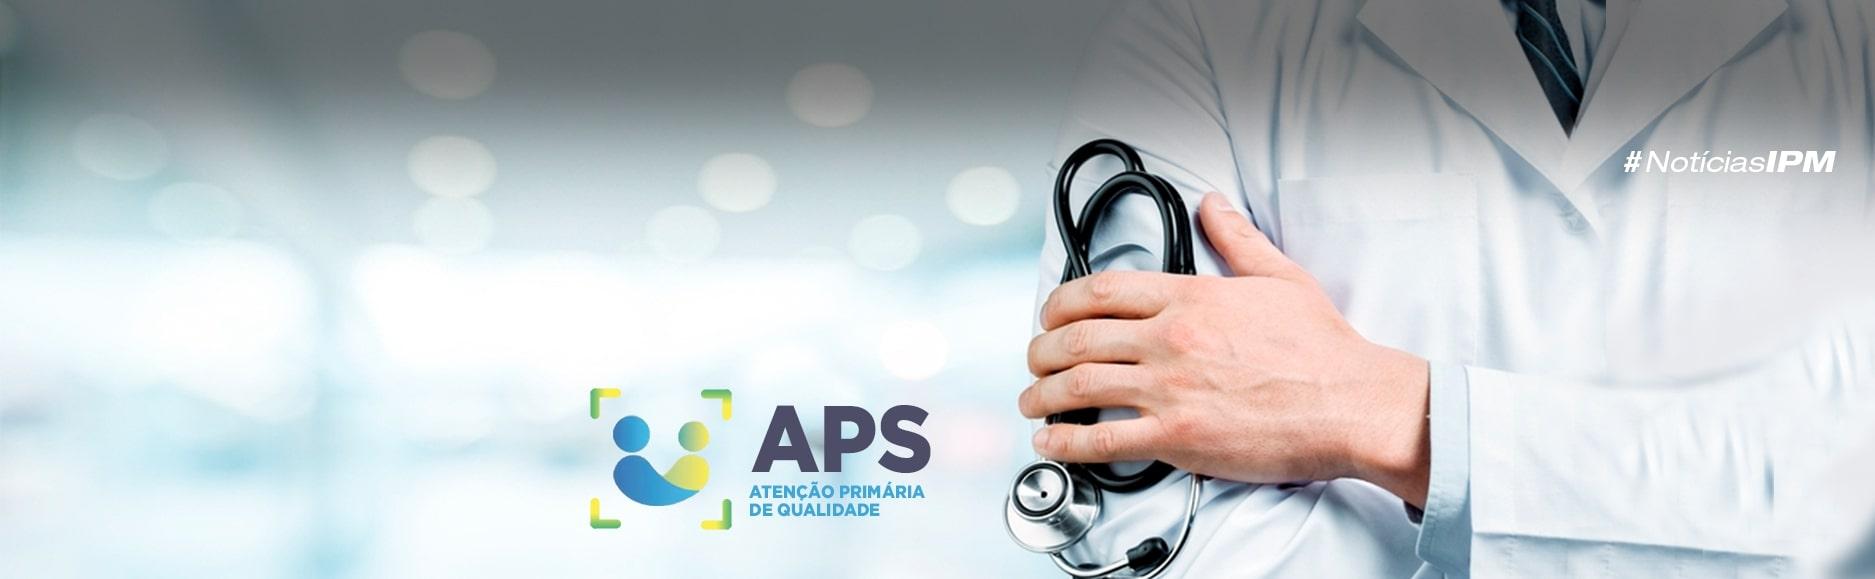 Gestão pública em saúde: clientes IPM ganham Selo APS de Qualidade do Ministério da Saúde